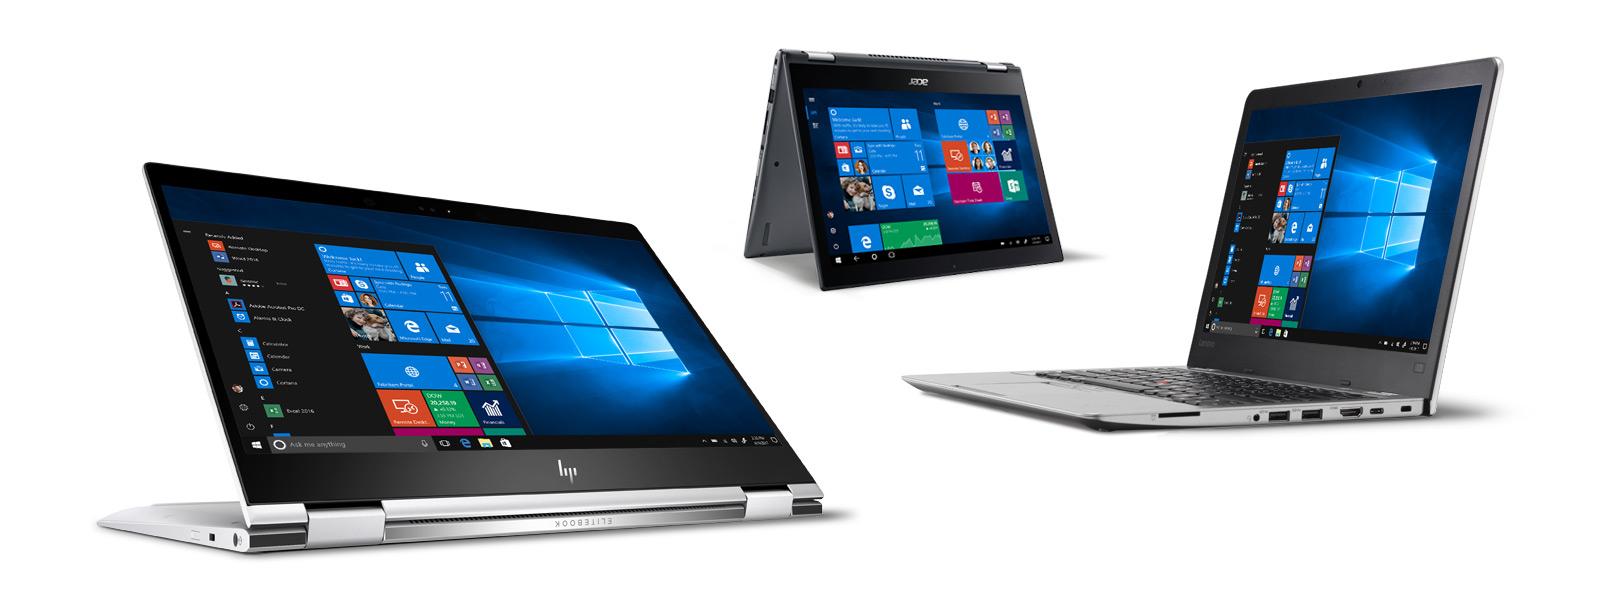 Verschiedene Laptops mit Windows 10-Anzeige